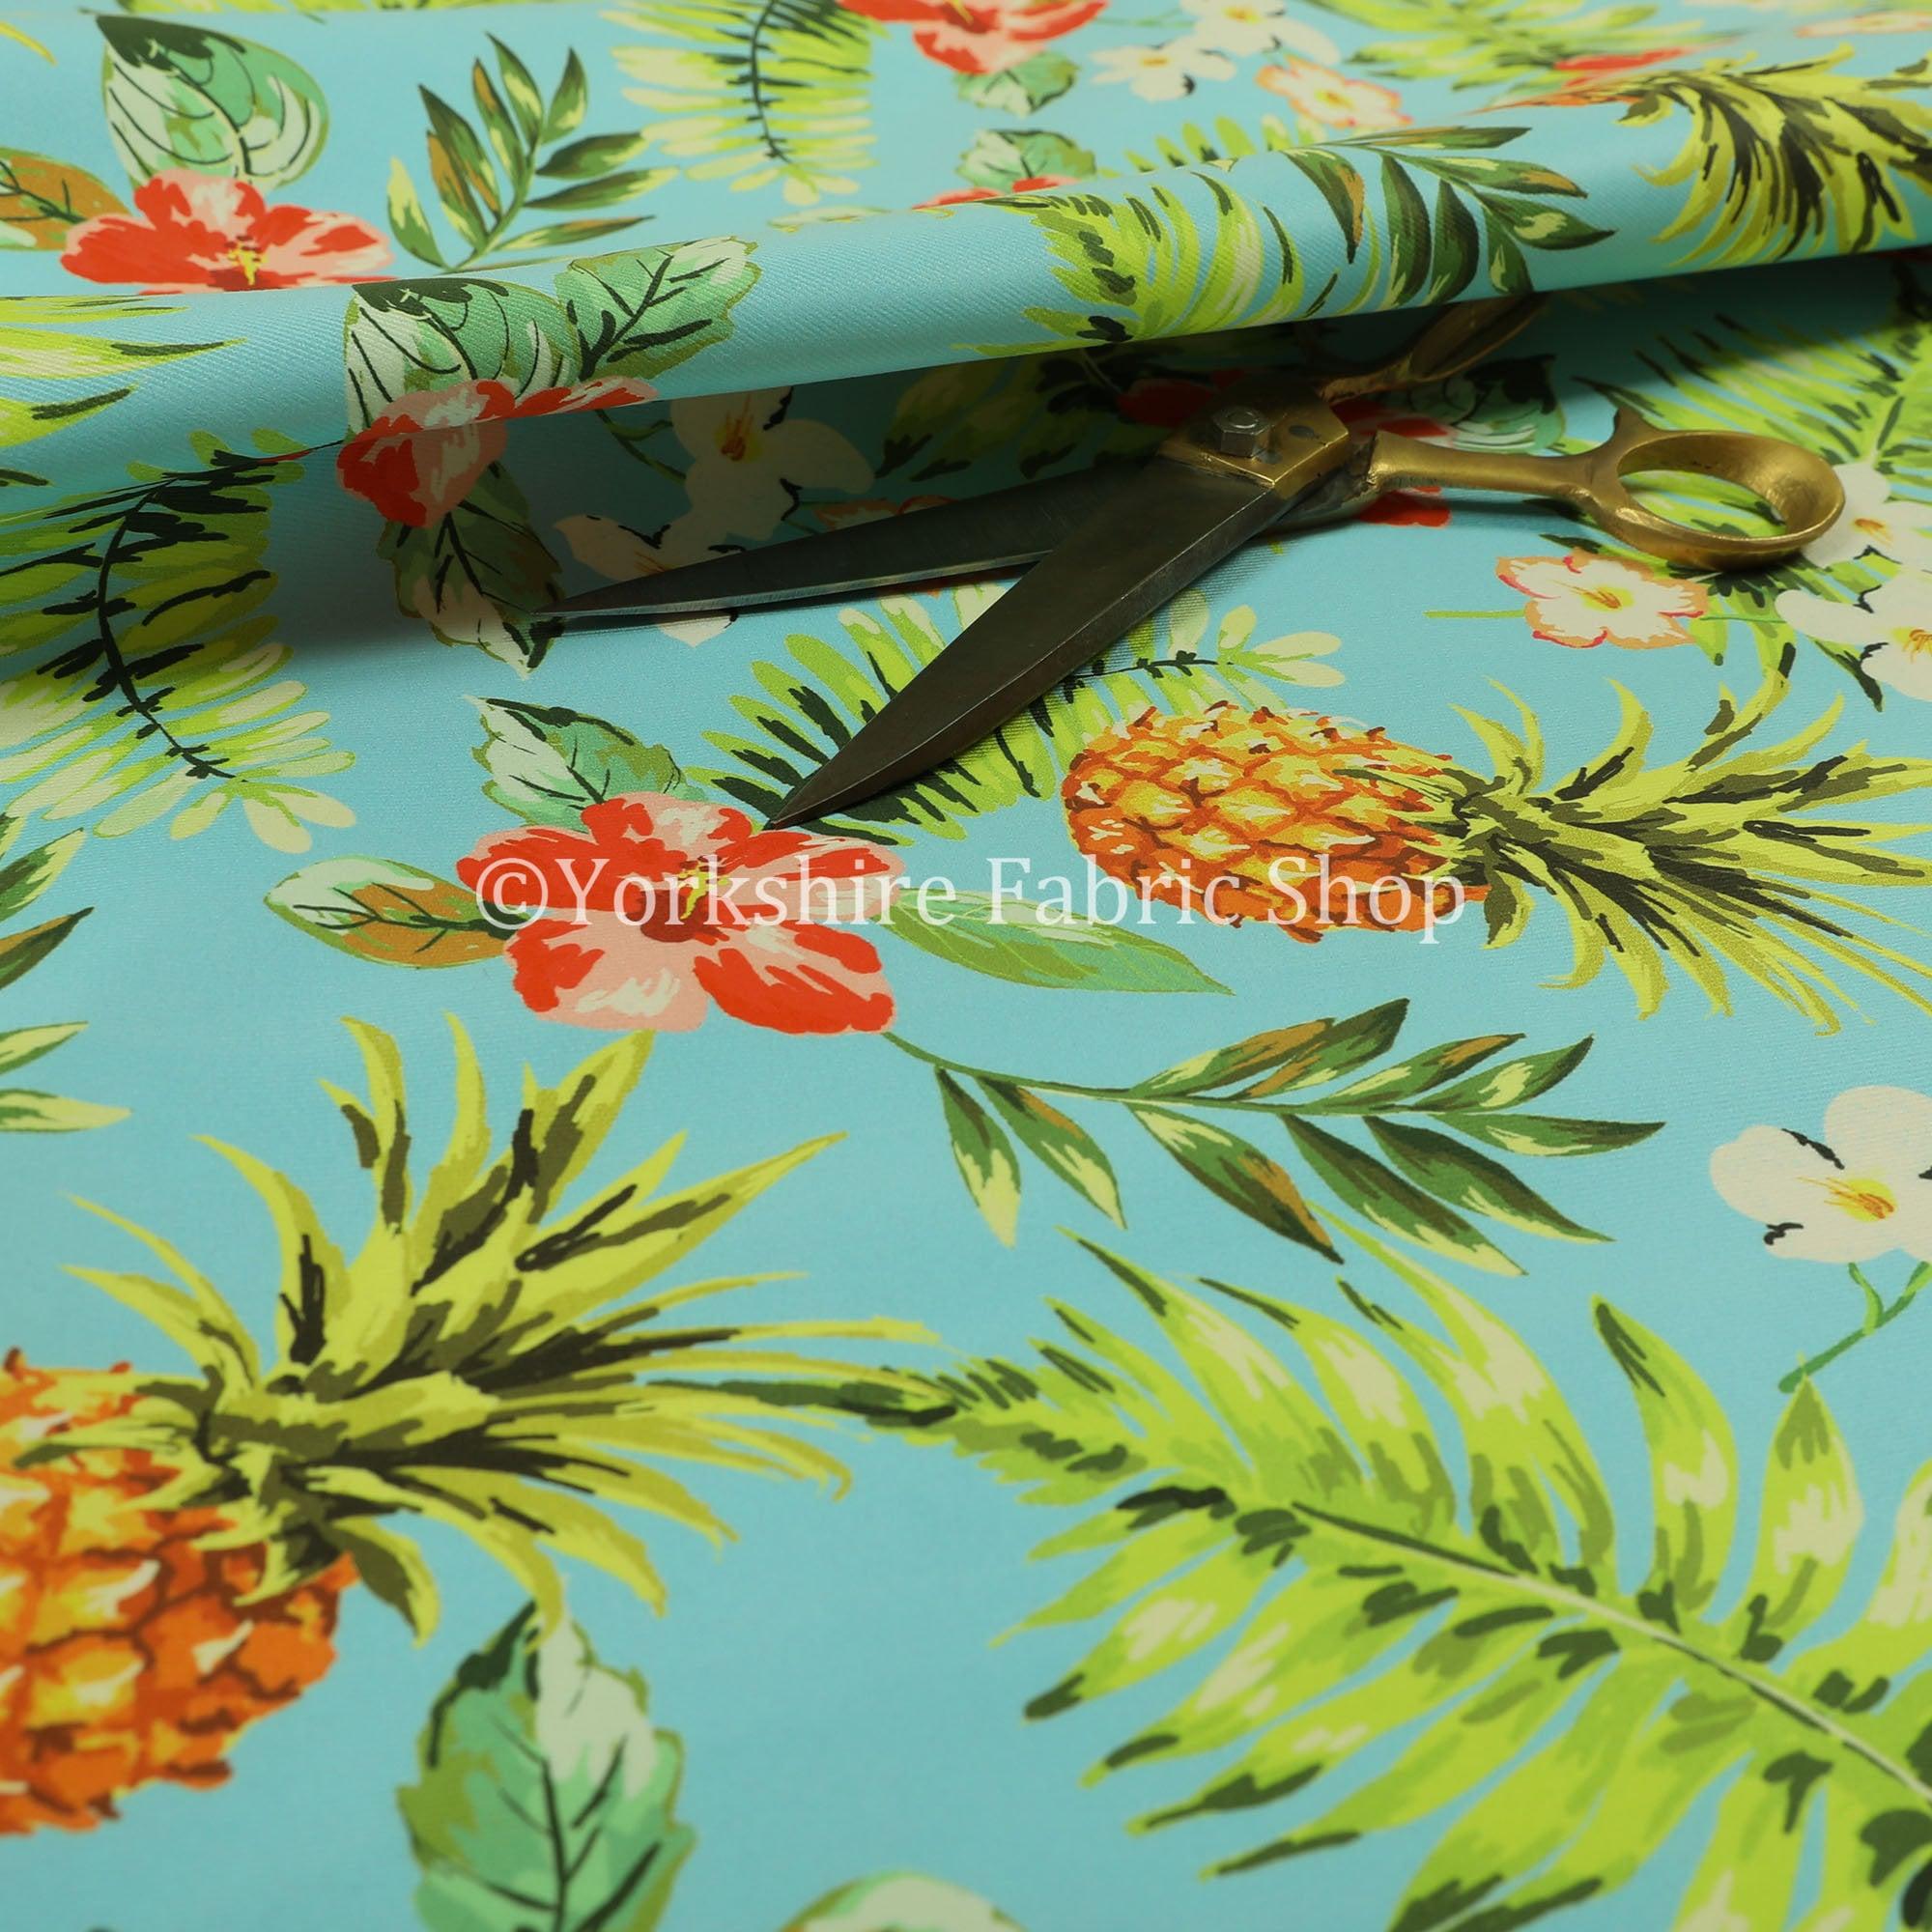 À Fruits ananas ananas ananas Floral coloré bleu motif velours velours d'ameublement tissus - vendus par le tissu de longueur de 10 mètres 555c8c